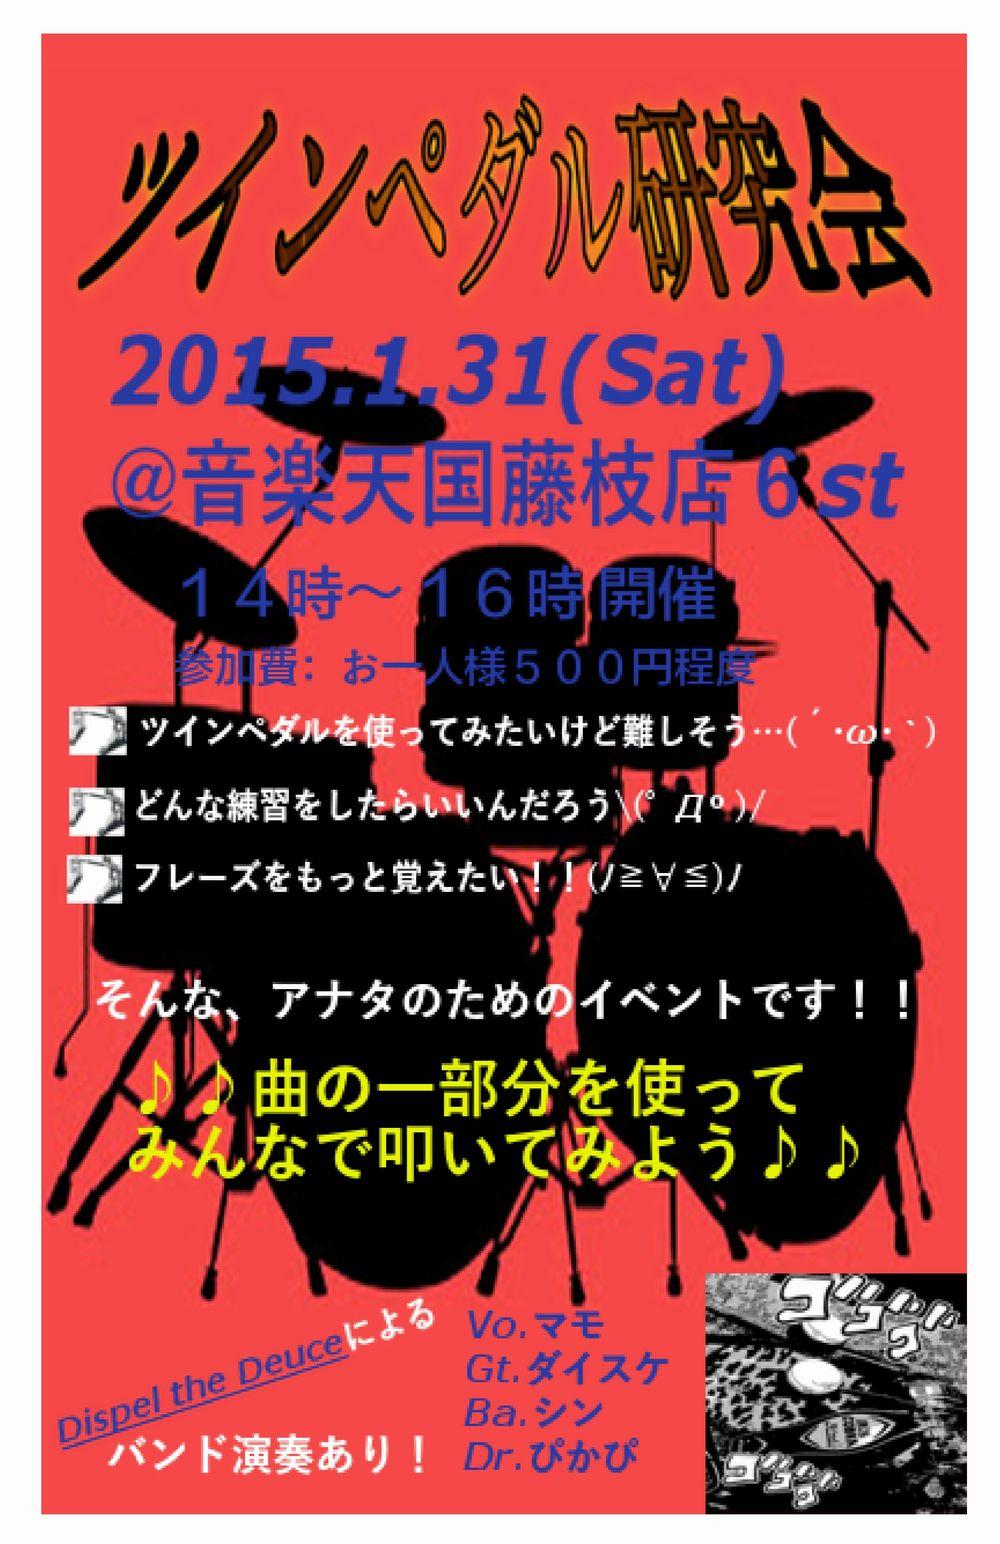 【ツインペダル研究会】@音楽天国・藤枝店1月31日(土)初開催